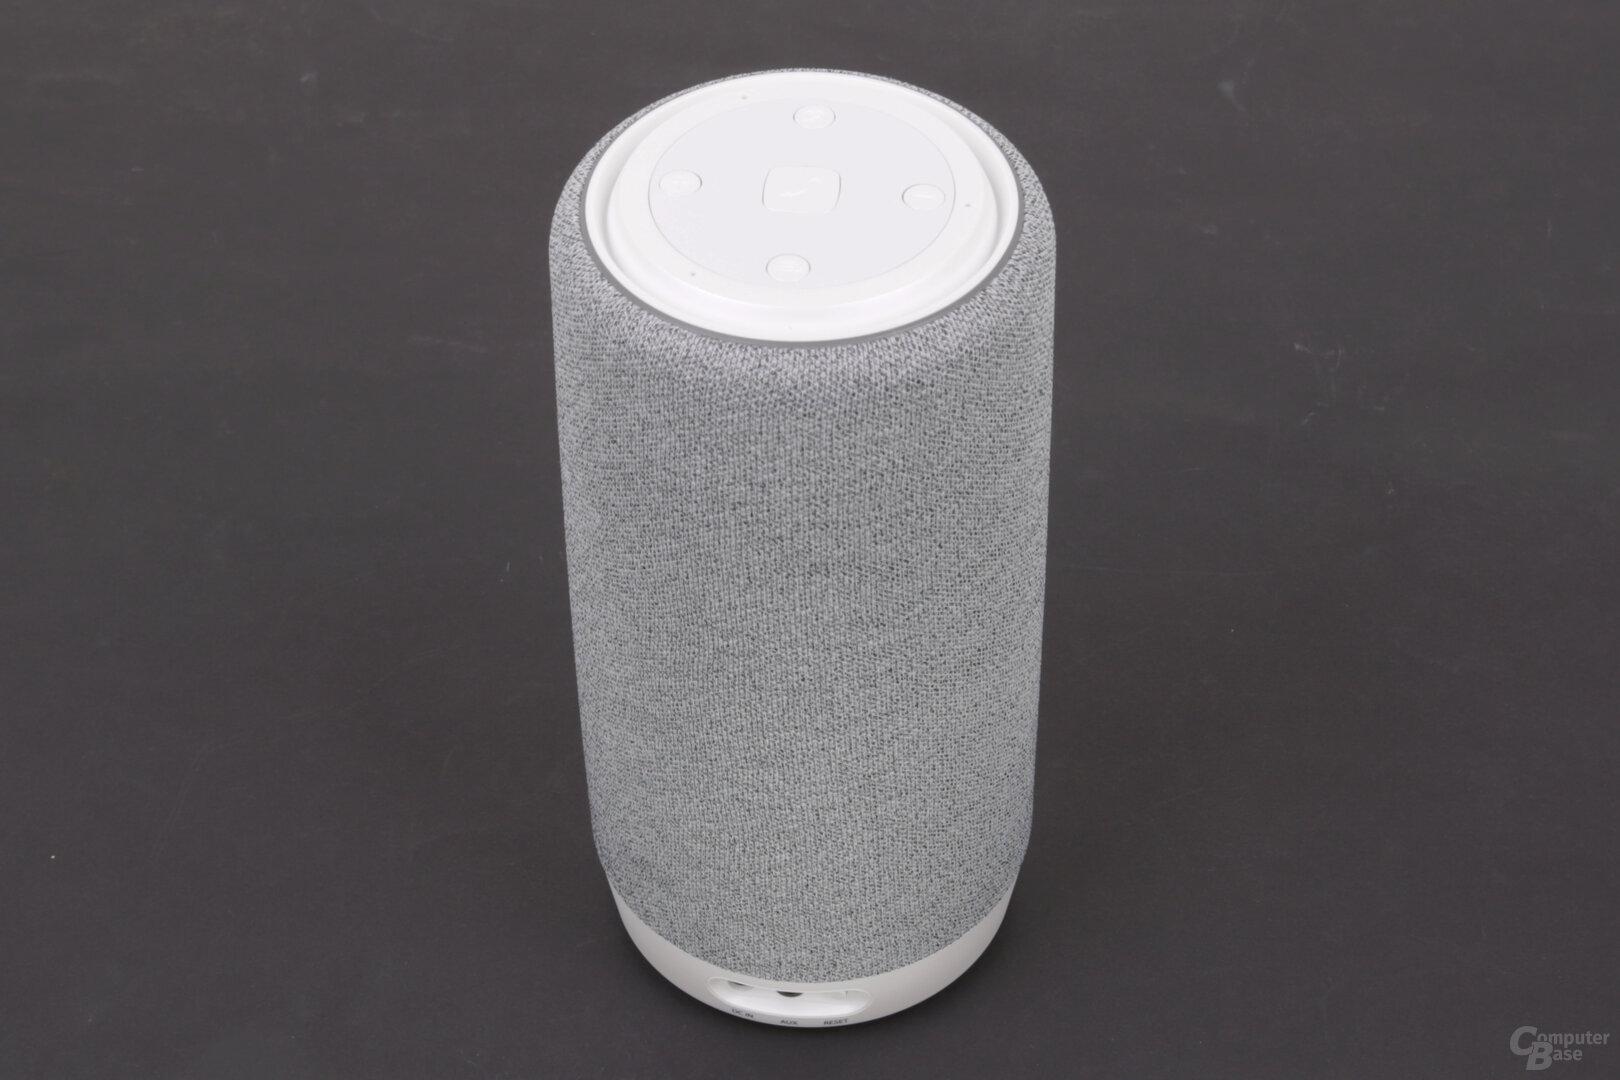 Gigaset Smart Speaker